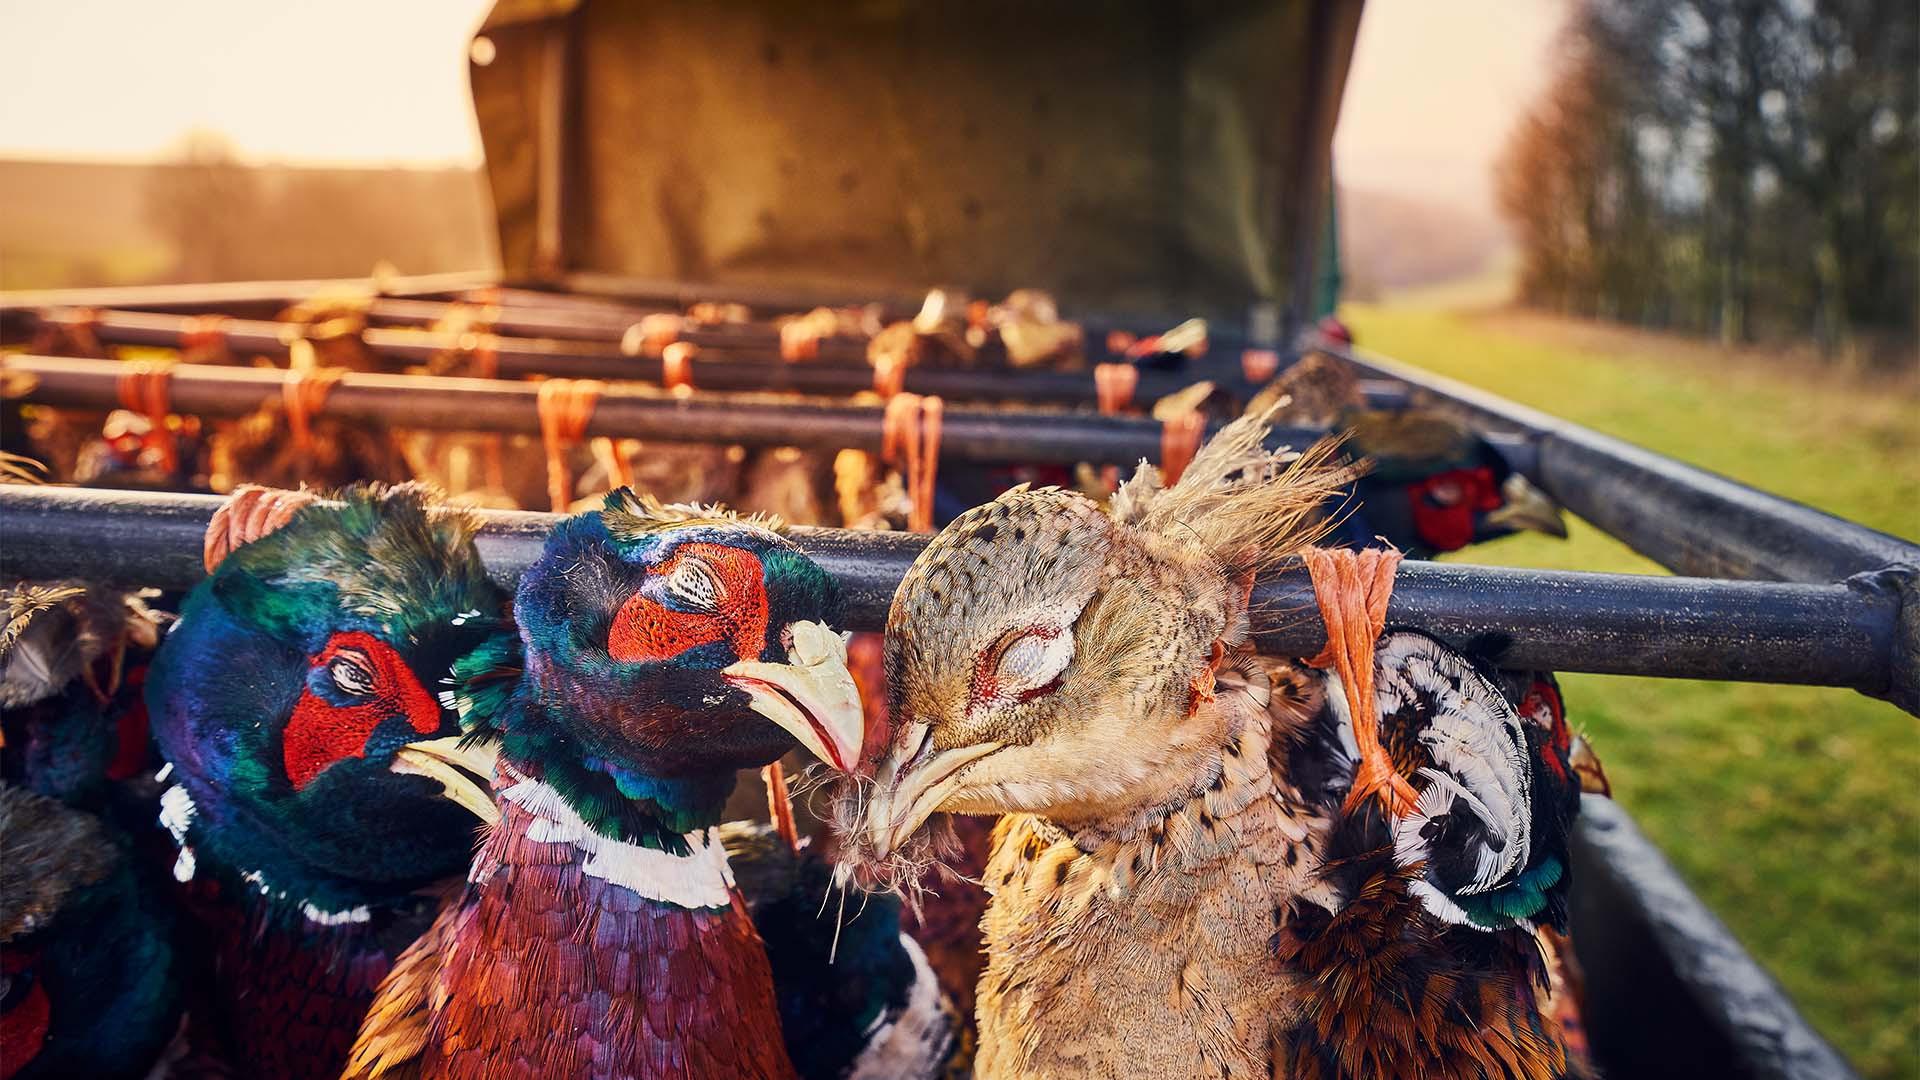 Matthew Thomas – 'Pheasants at Sunset'